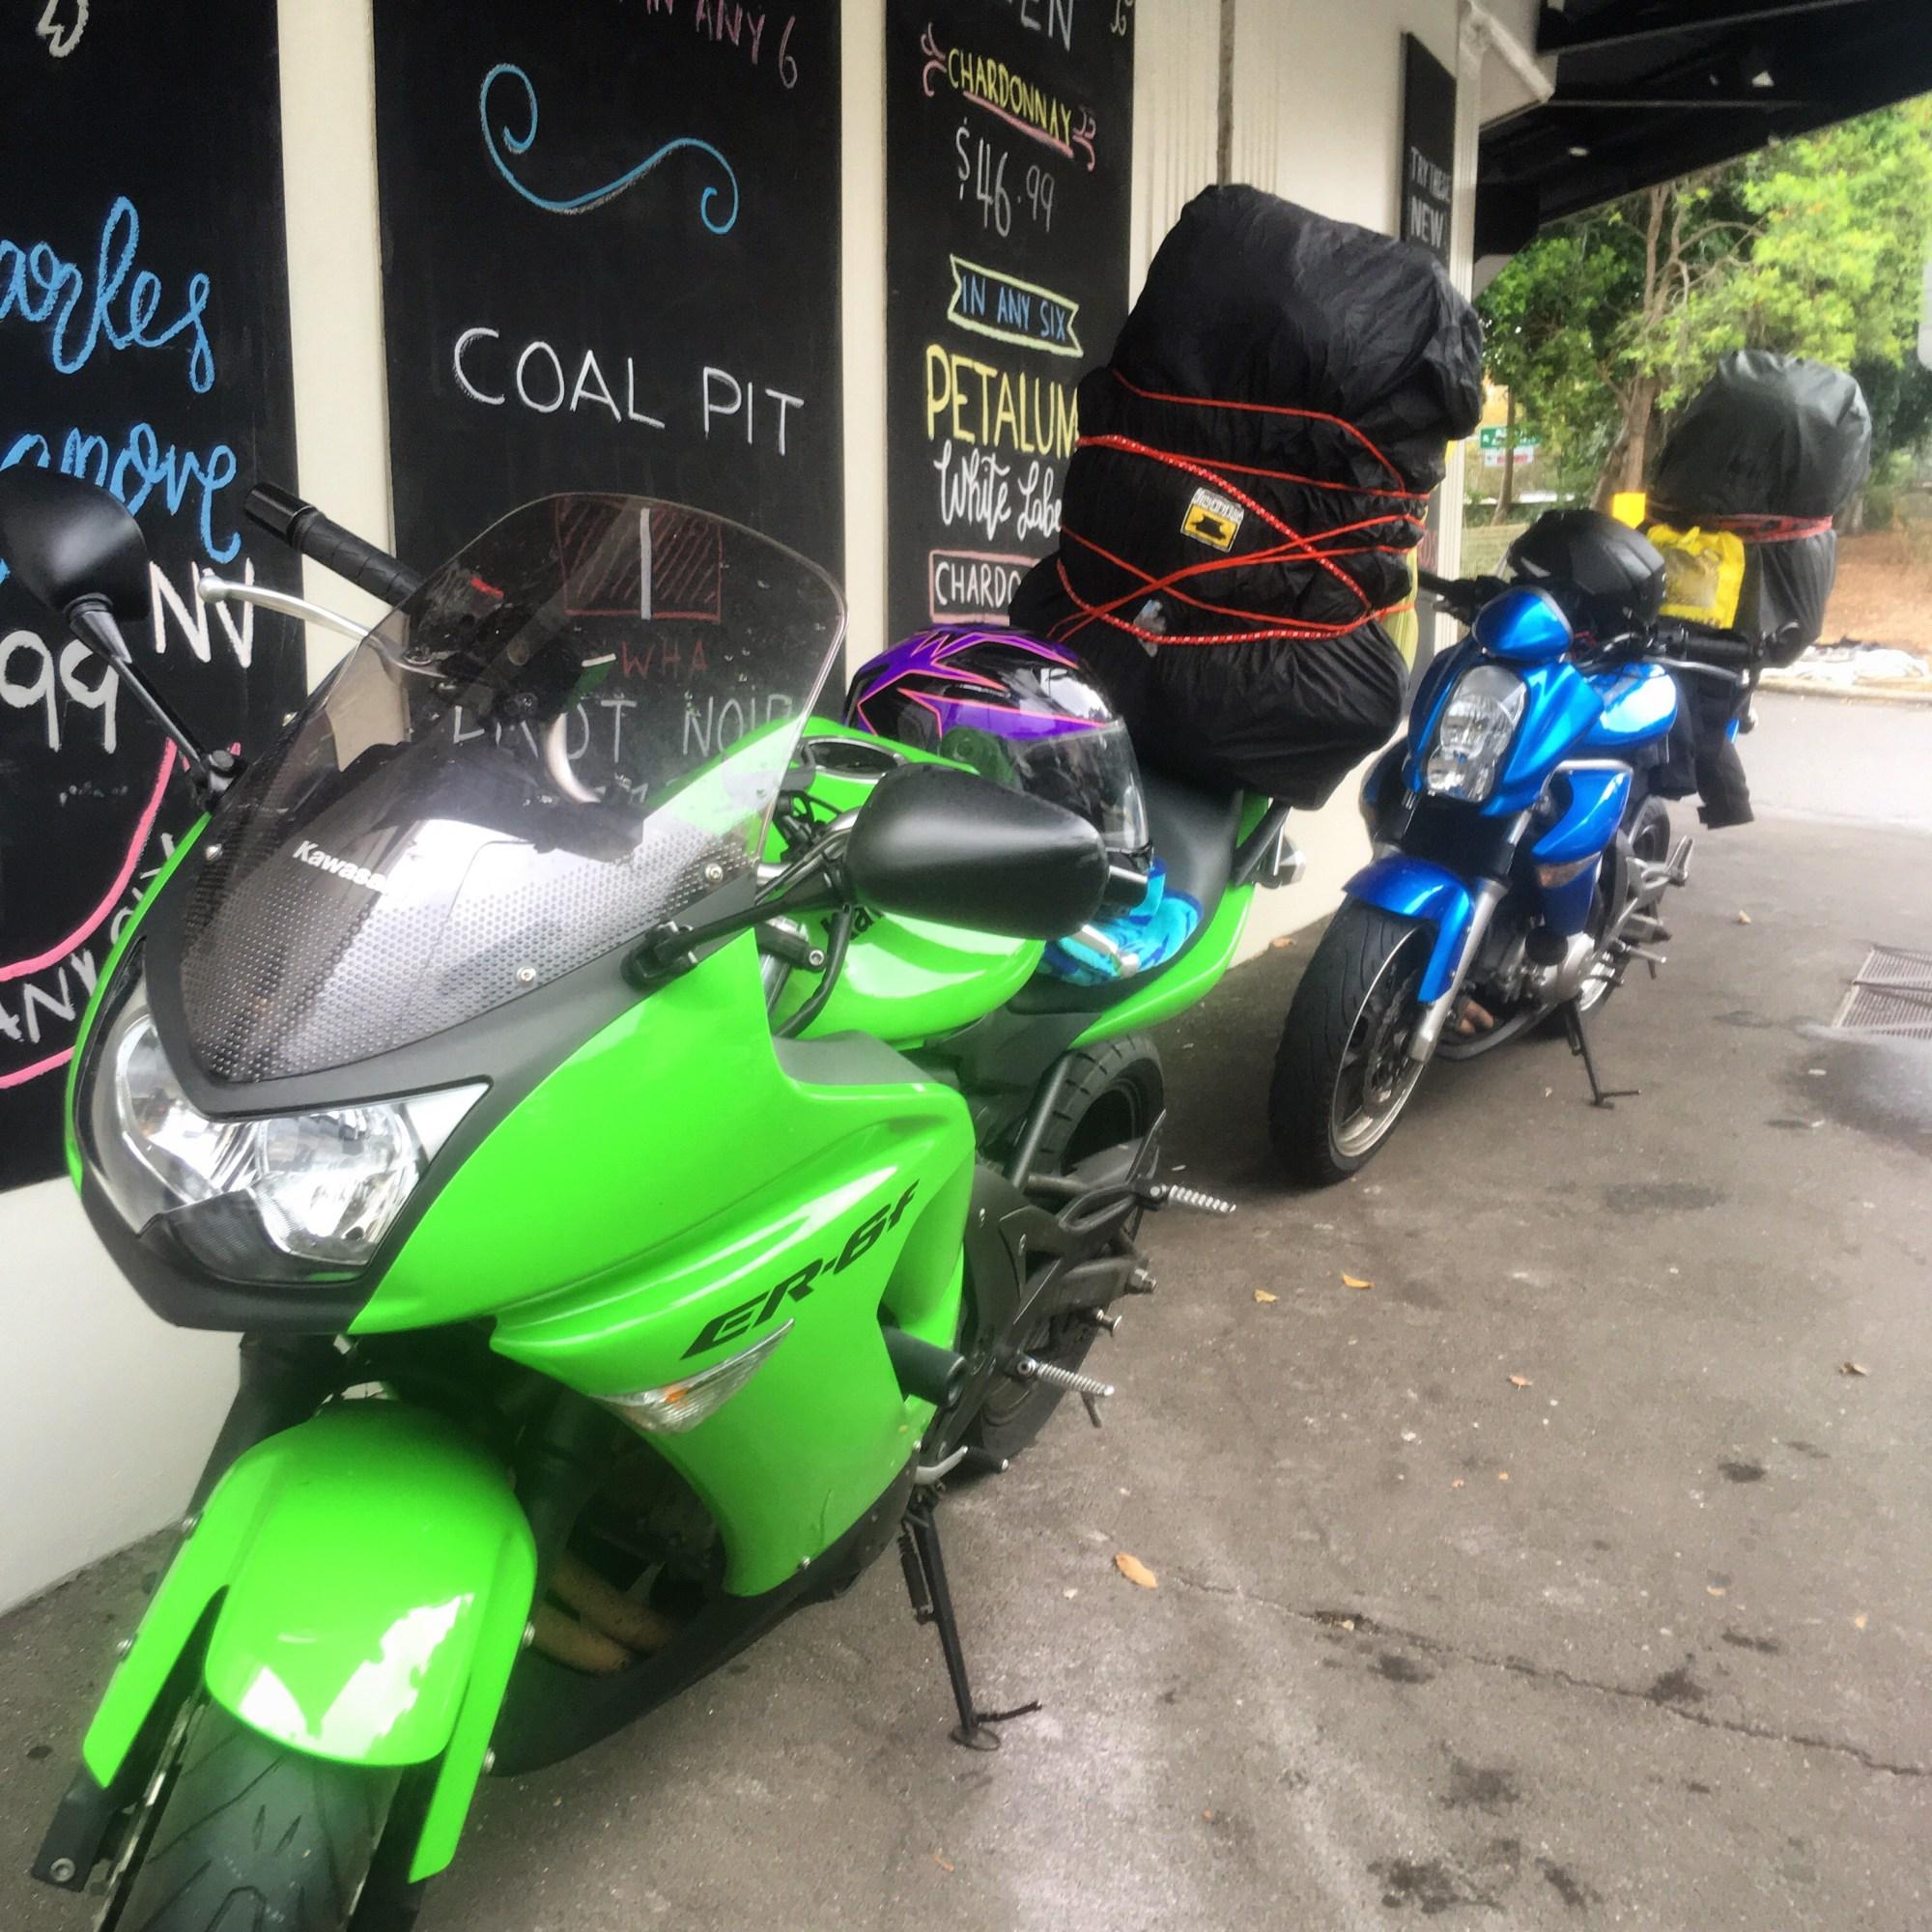 Sydney Motorbikes